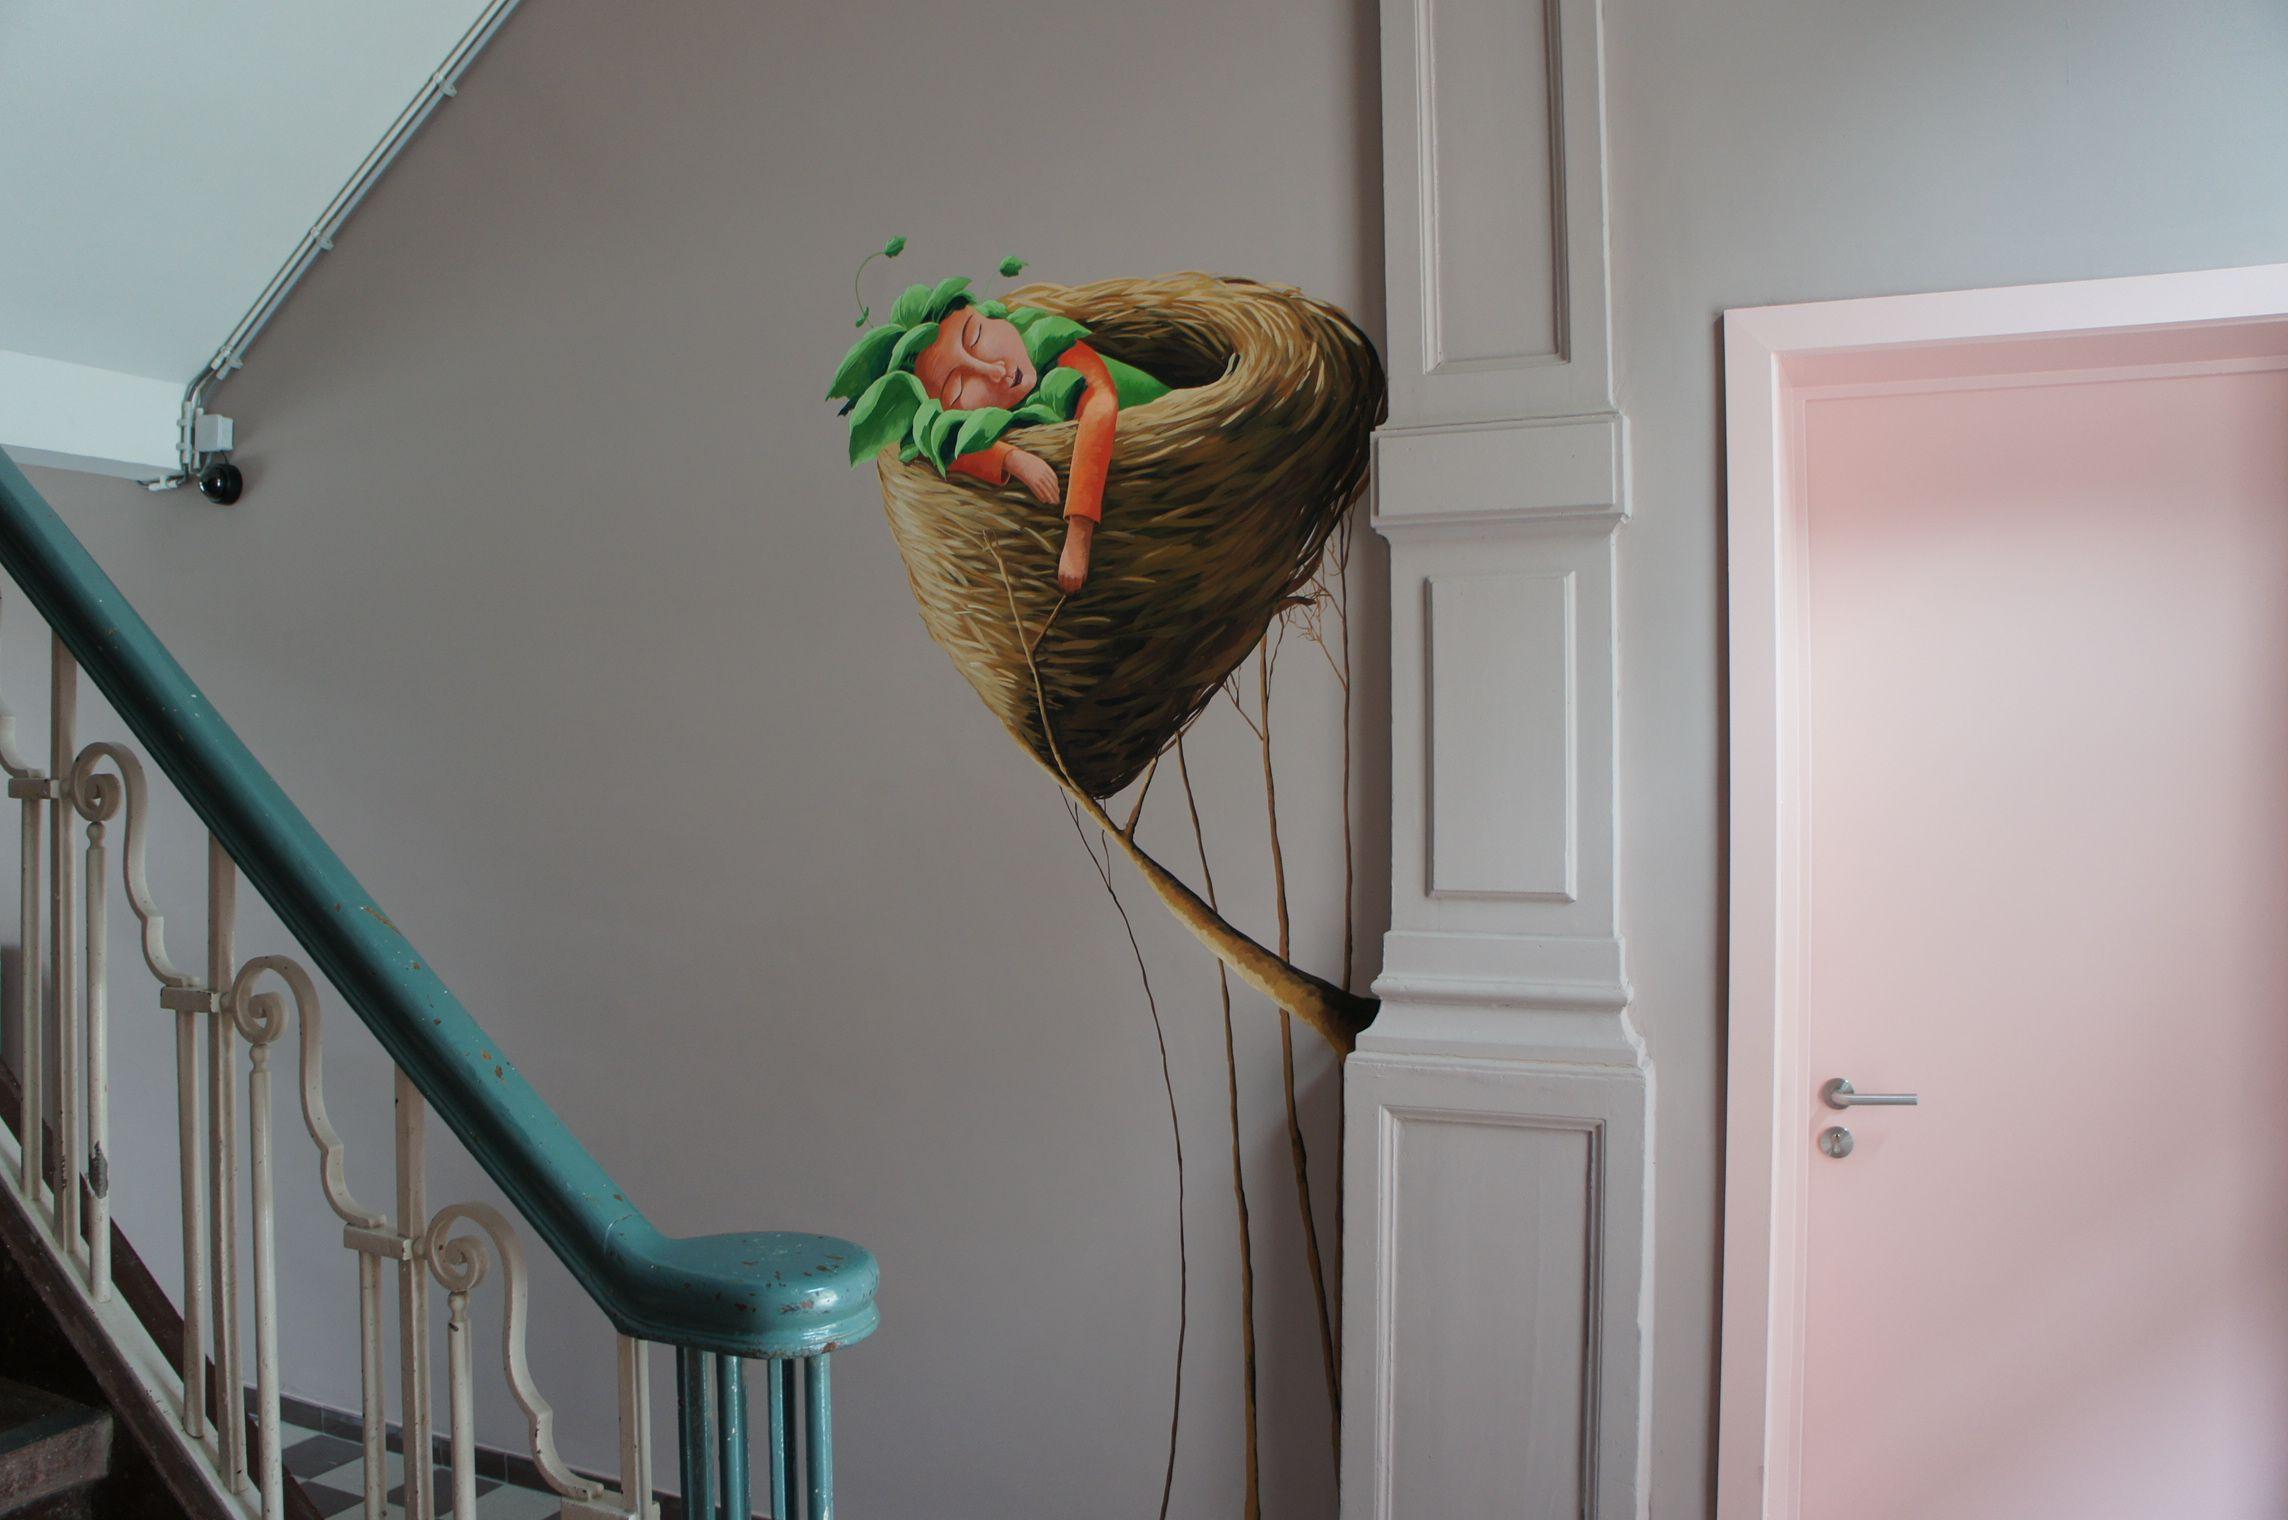 Muurzicht, 'kind in nestje' - 210 euro